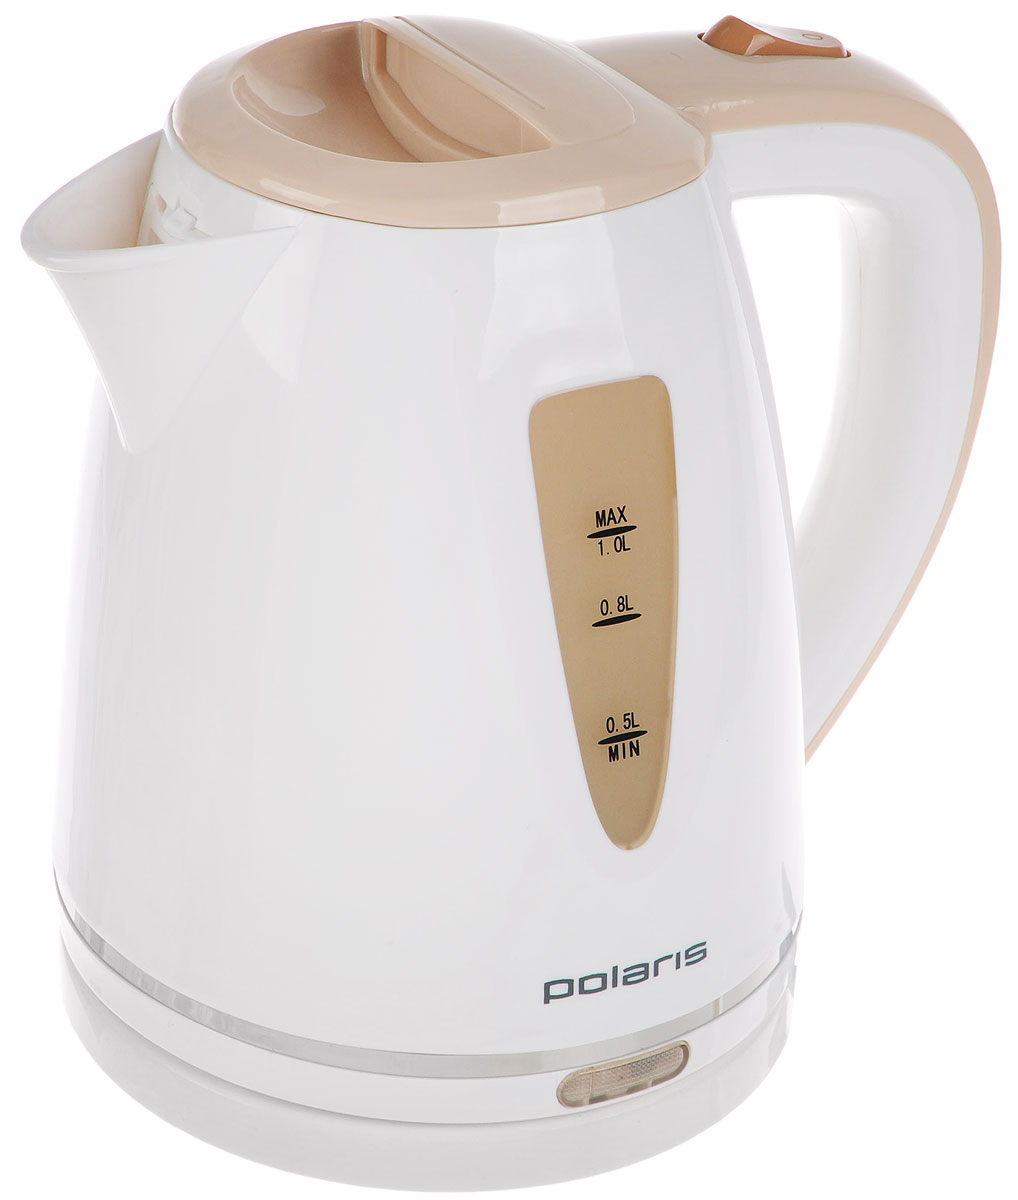 Polaris PWK 1038C, White Beige электрический чайникPWK 1038CPolaris PWK 1038C - компактный и недорогой электрический чайник, выполненный из качественного пластика. Онустанавливается на подставку-базу с электро-разъёмом и может вращаться на ней на 360°, что удобно при егоэксплуатации. Чайник оснащен индикаторной лампочкой, двусторонней шкалой уровня воды, и функциейавтоматического выключения при закипании и снятии с подставки. А функция защиты от перегрева делает егоабсолютно безопасным в быту. Съемный фильтр позволит без труда промыть его от накипи.